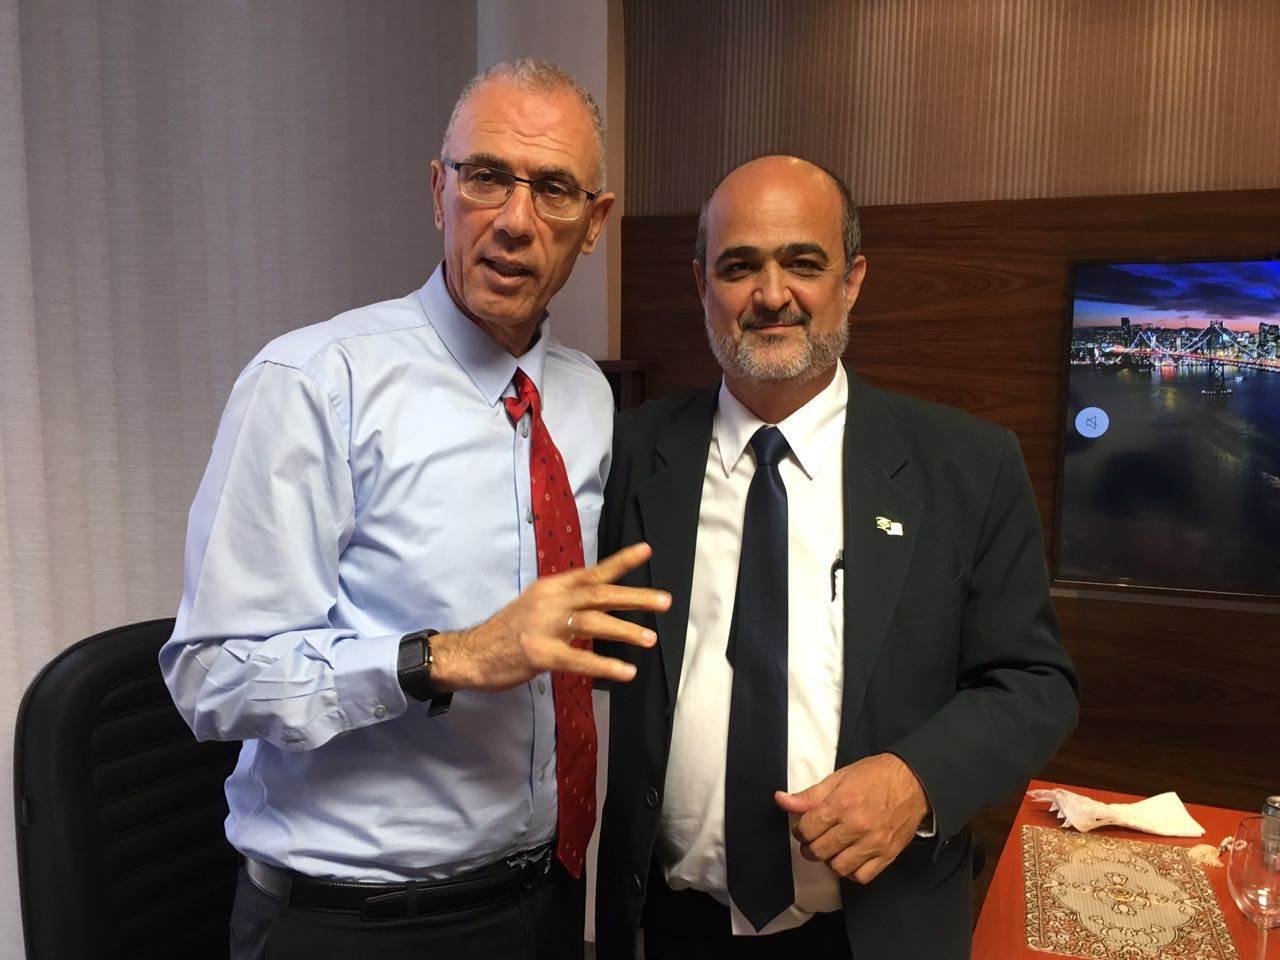 Embaixador de Israel Yossi Shelley ao lado do superintendente de Comunicação de Aparecida Ronaldo Coelho | Foto: Reprodução/ Prefeitura